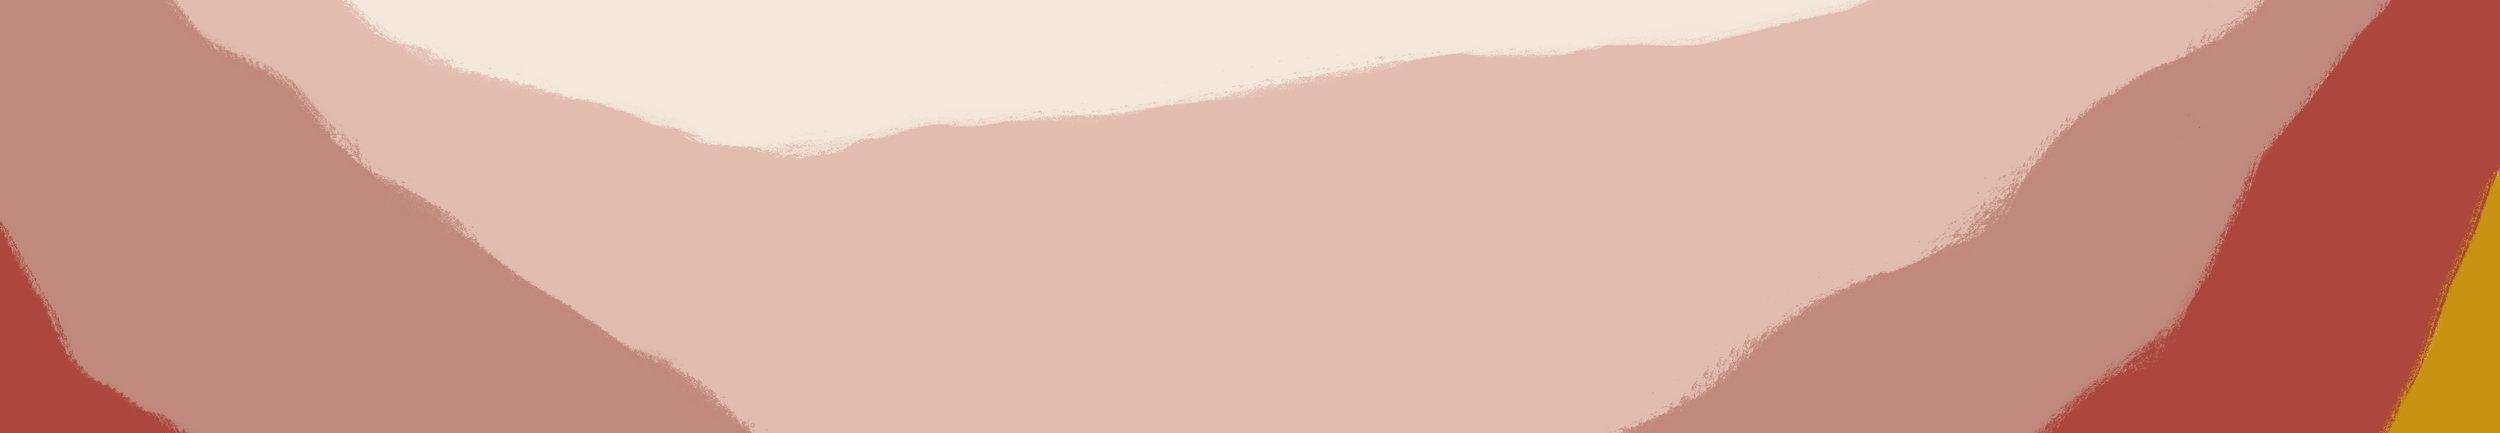 color step bkg test.jpg